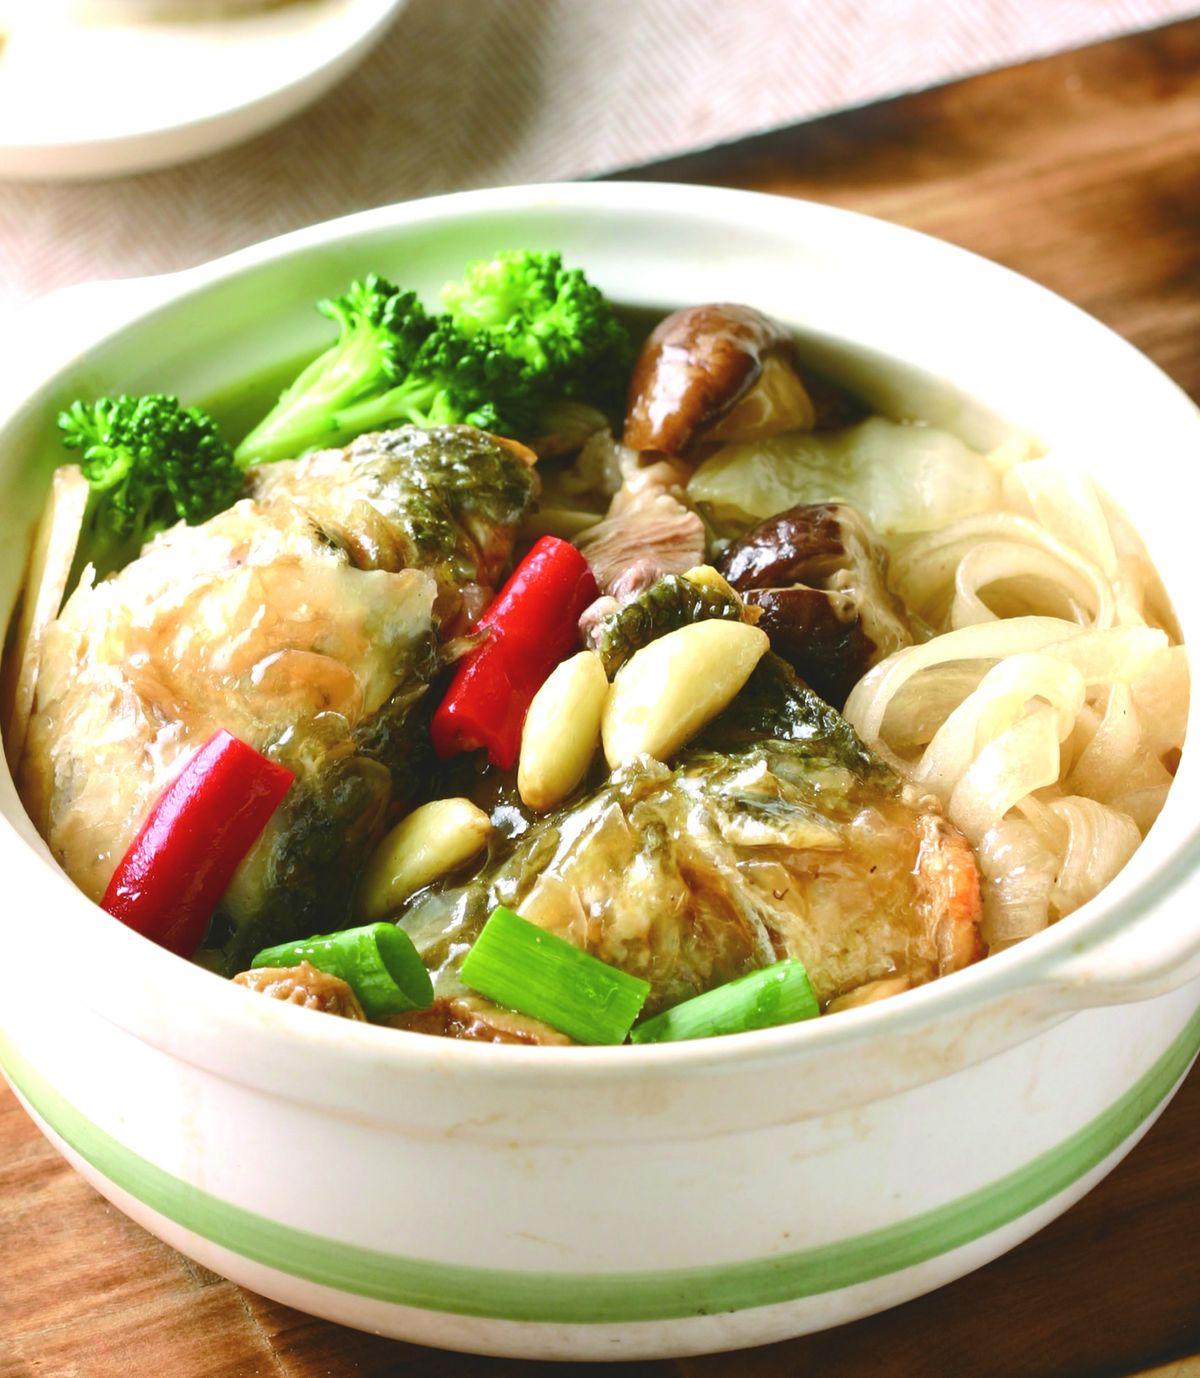 【食譜】砂鍋魚頭(7):www.ytower.com.tw